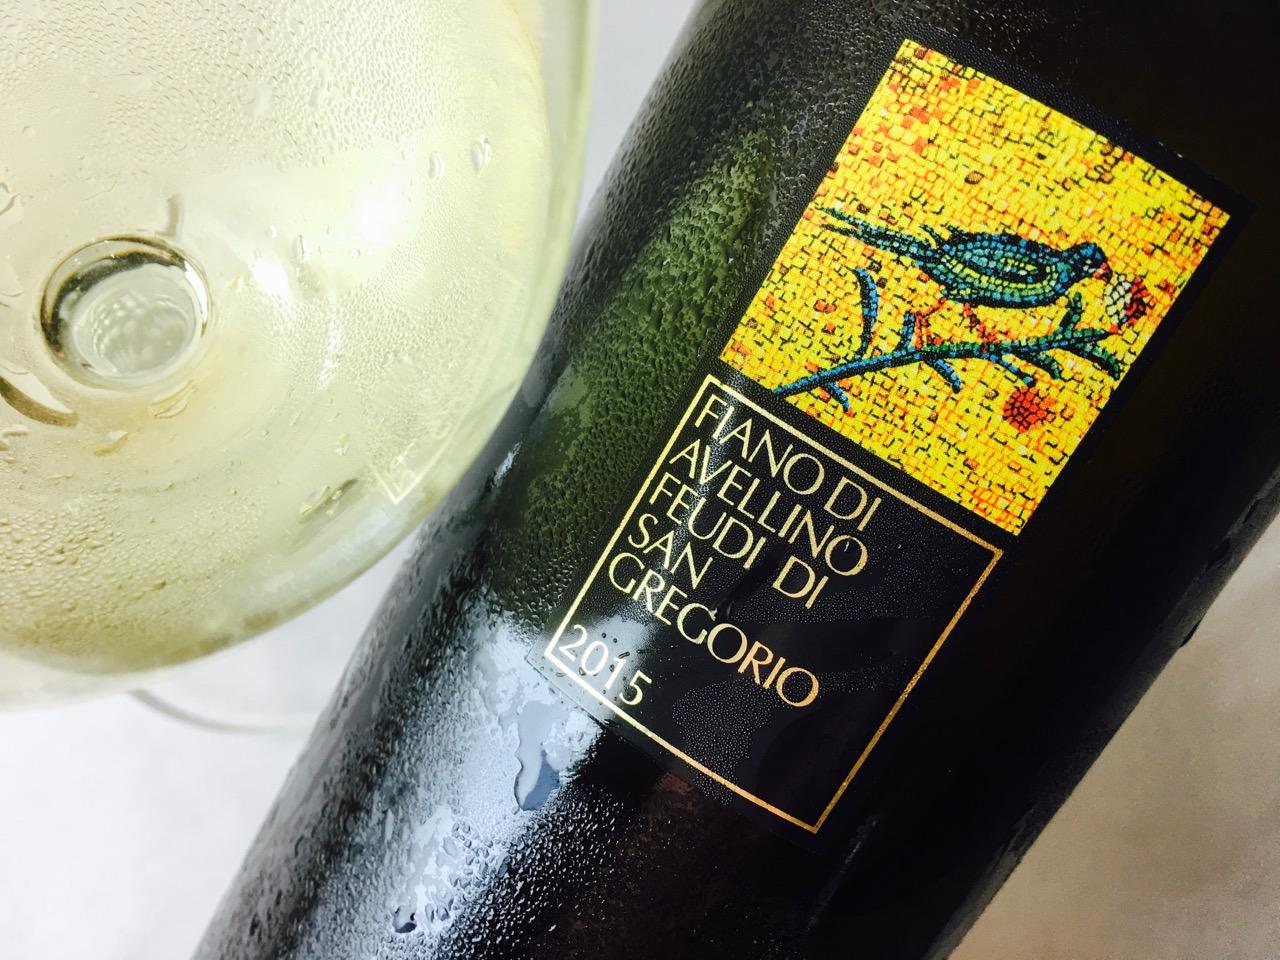 2015 Feudi di San Gregorio Fiano di Avellino DOCG